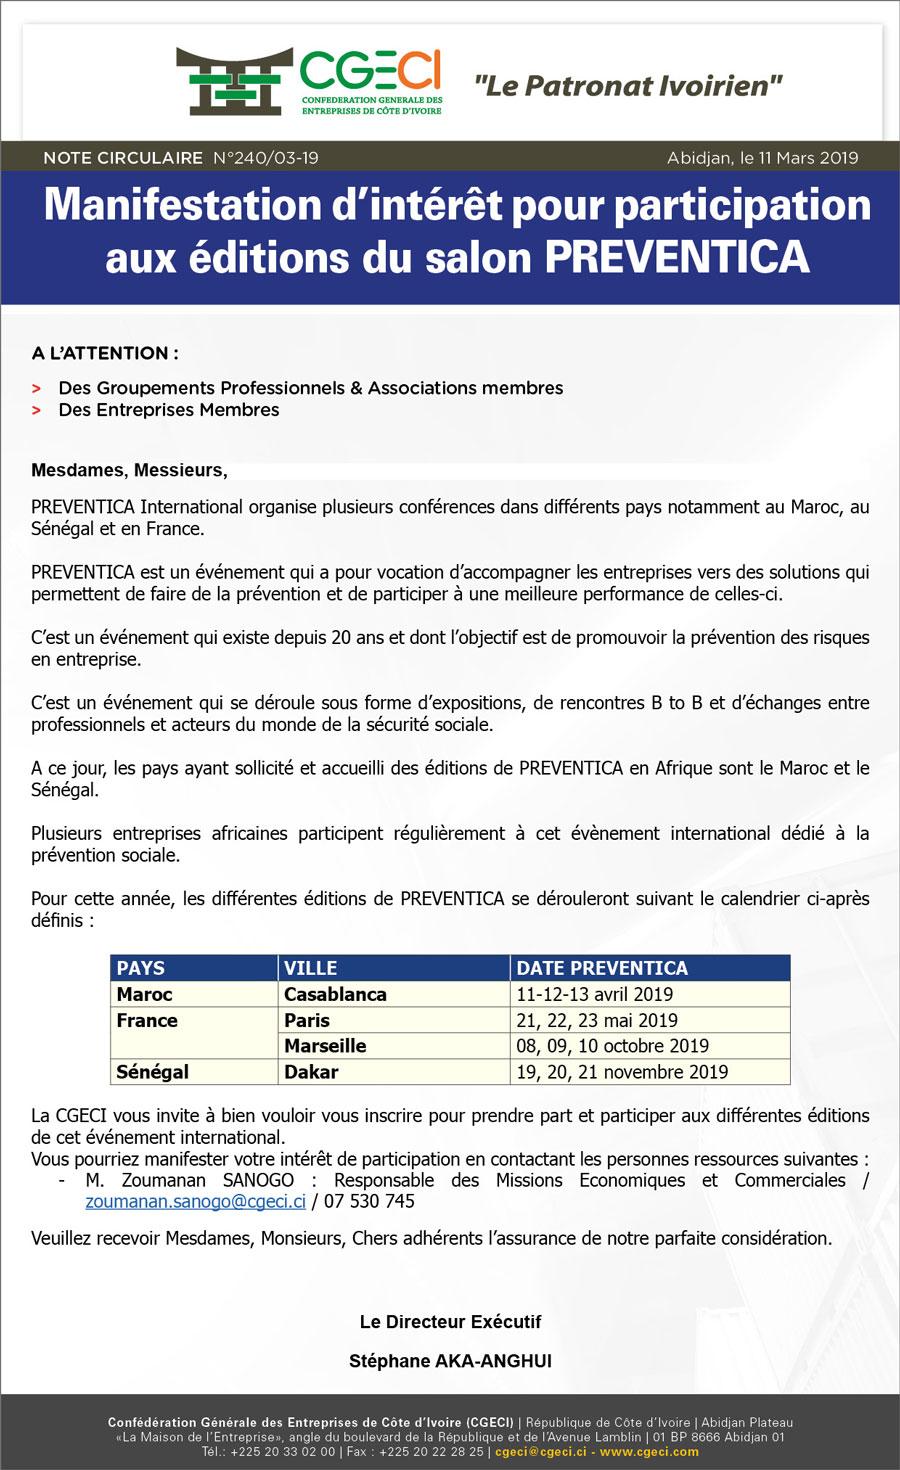 Manifestation d'intérêt pour participation aux éditions du salon PREVENTICA